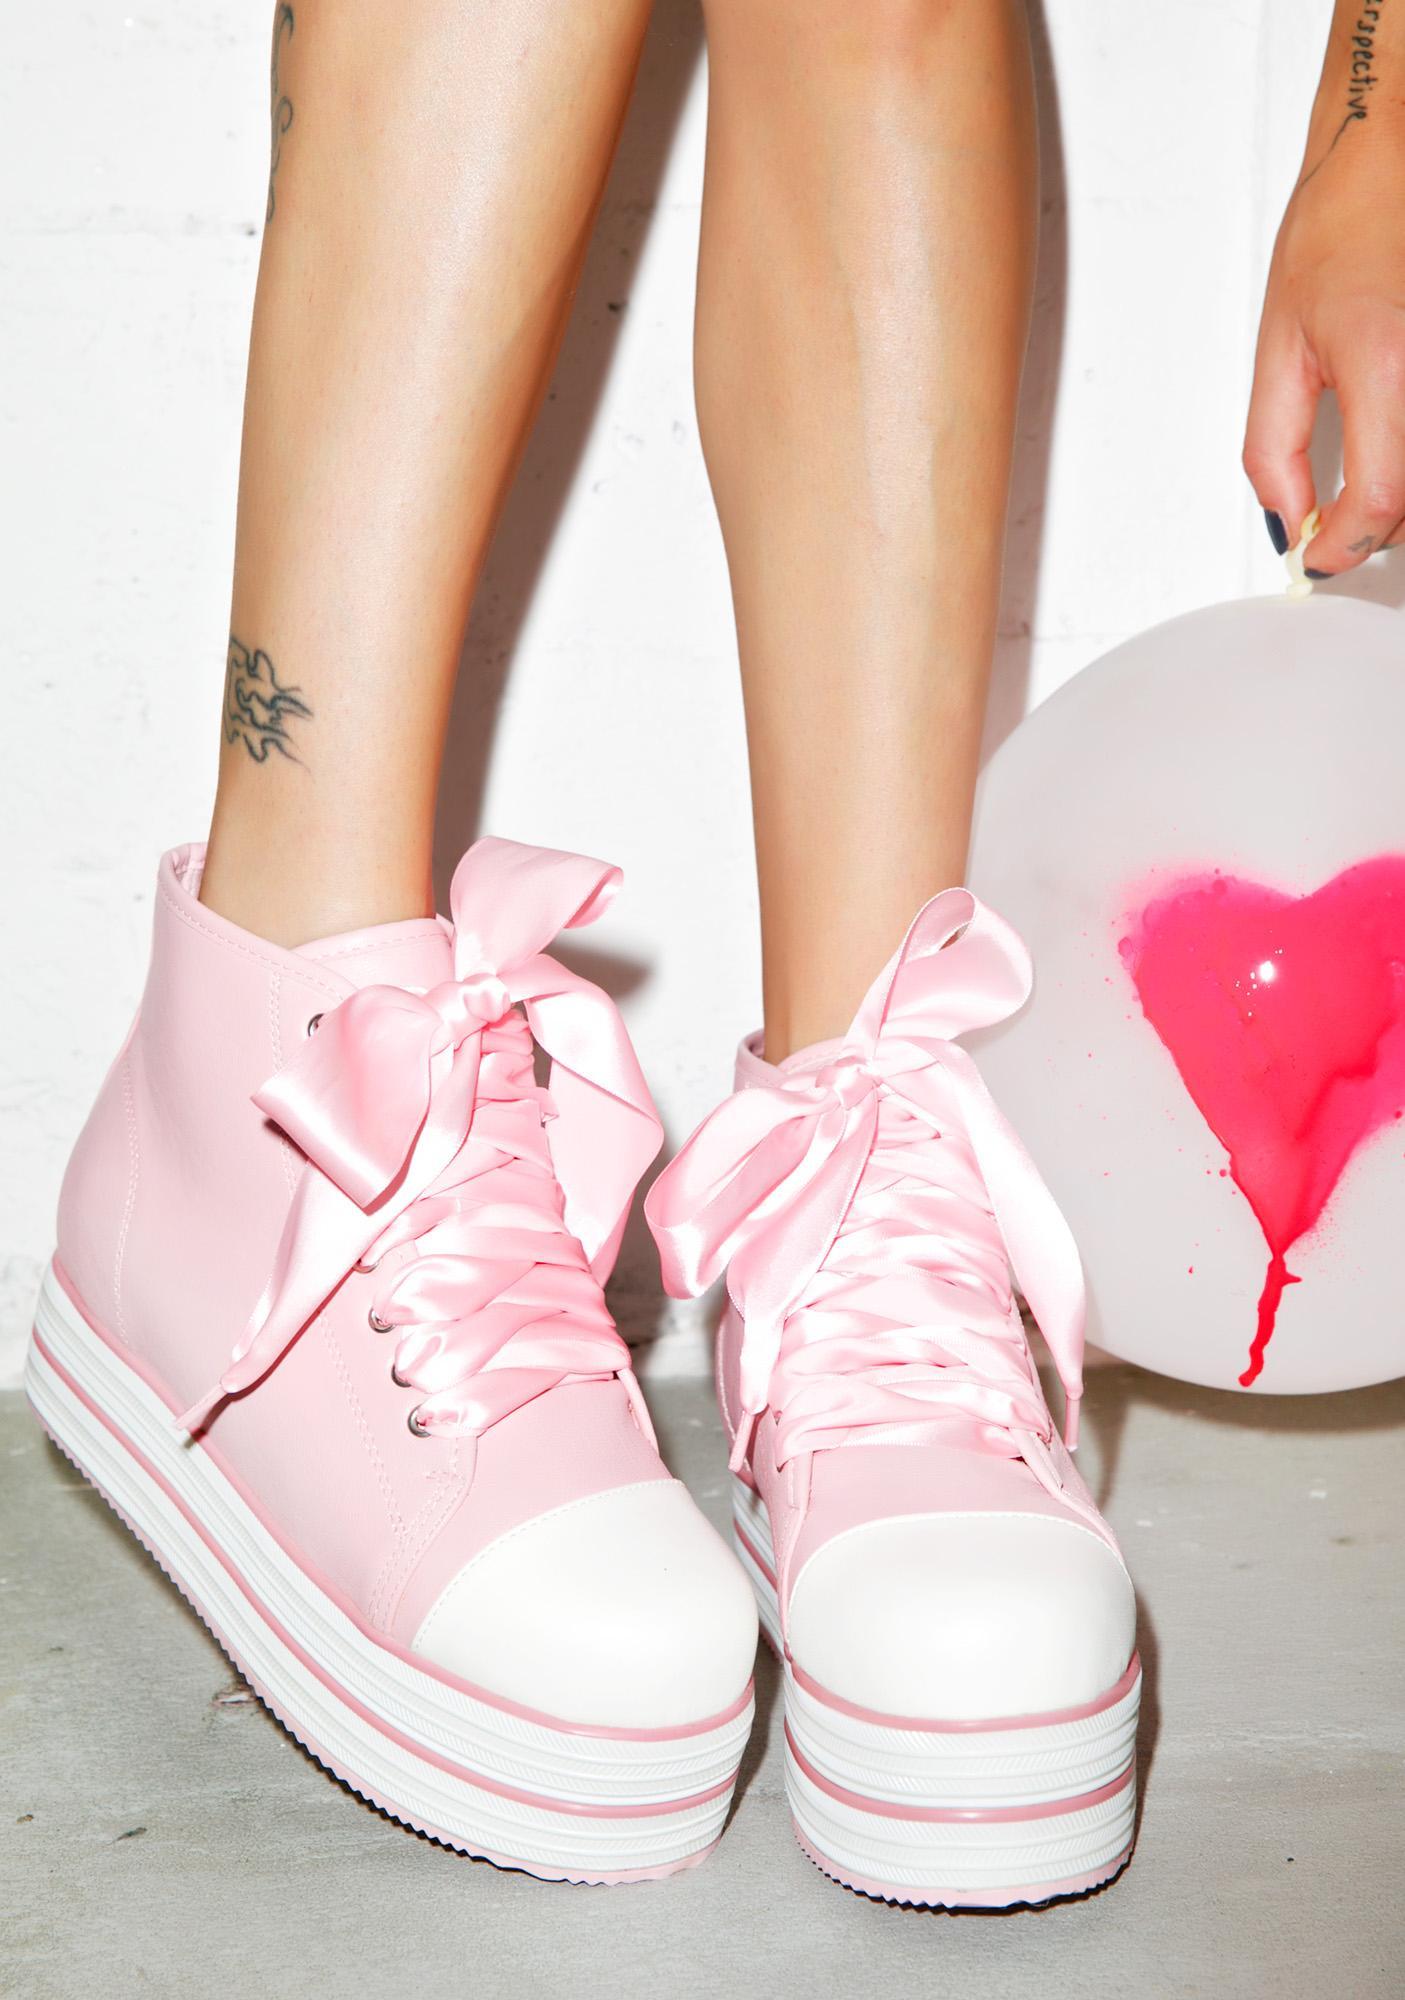 75127c28c8d Y.R.U. Baby Elevation Platform Sneakers